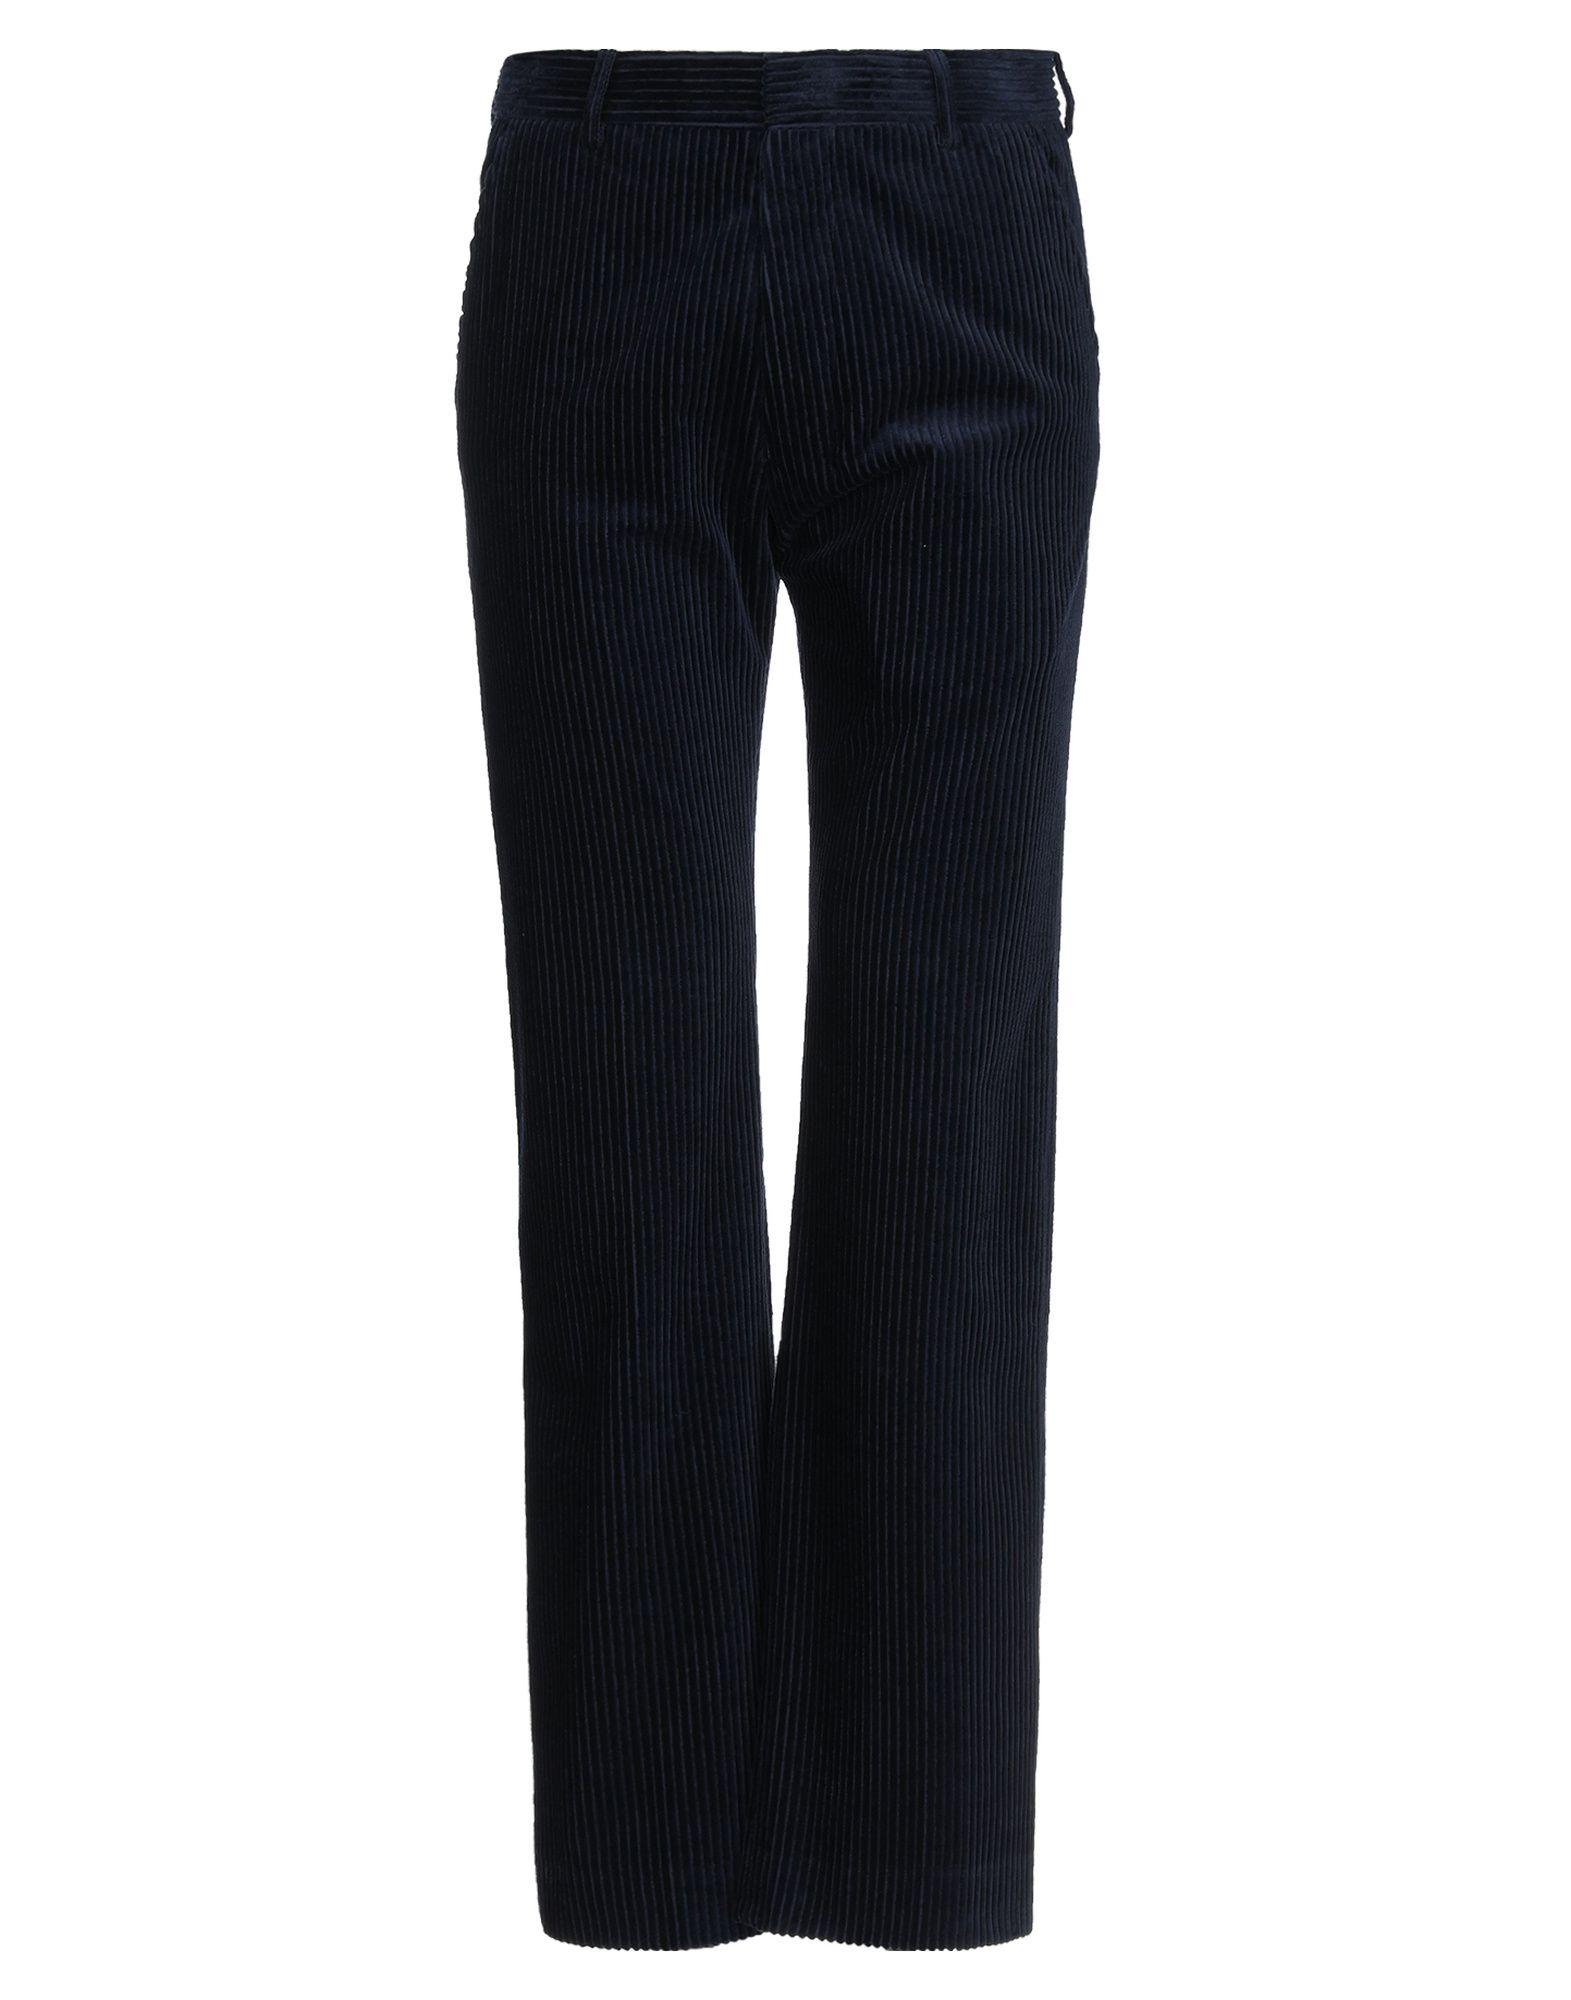 《期間限定セール開催中!》AMI ALEXANDRE MATTIUSSI メンズ パンツ ダークブルー 38 コットン 100%